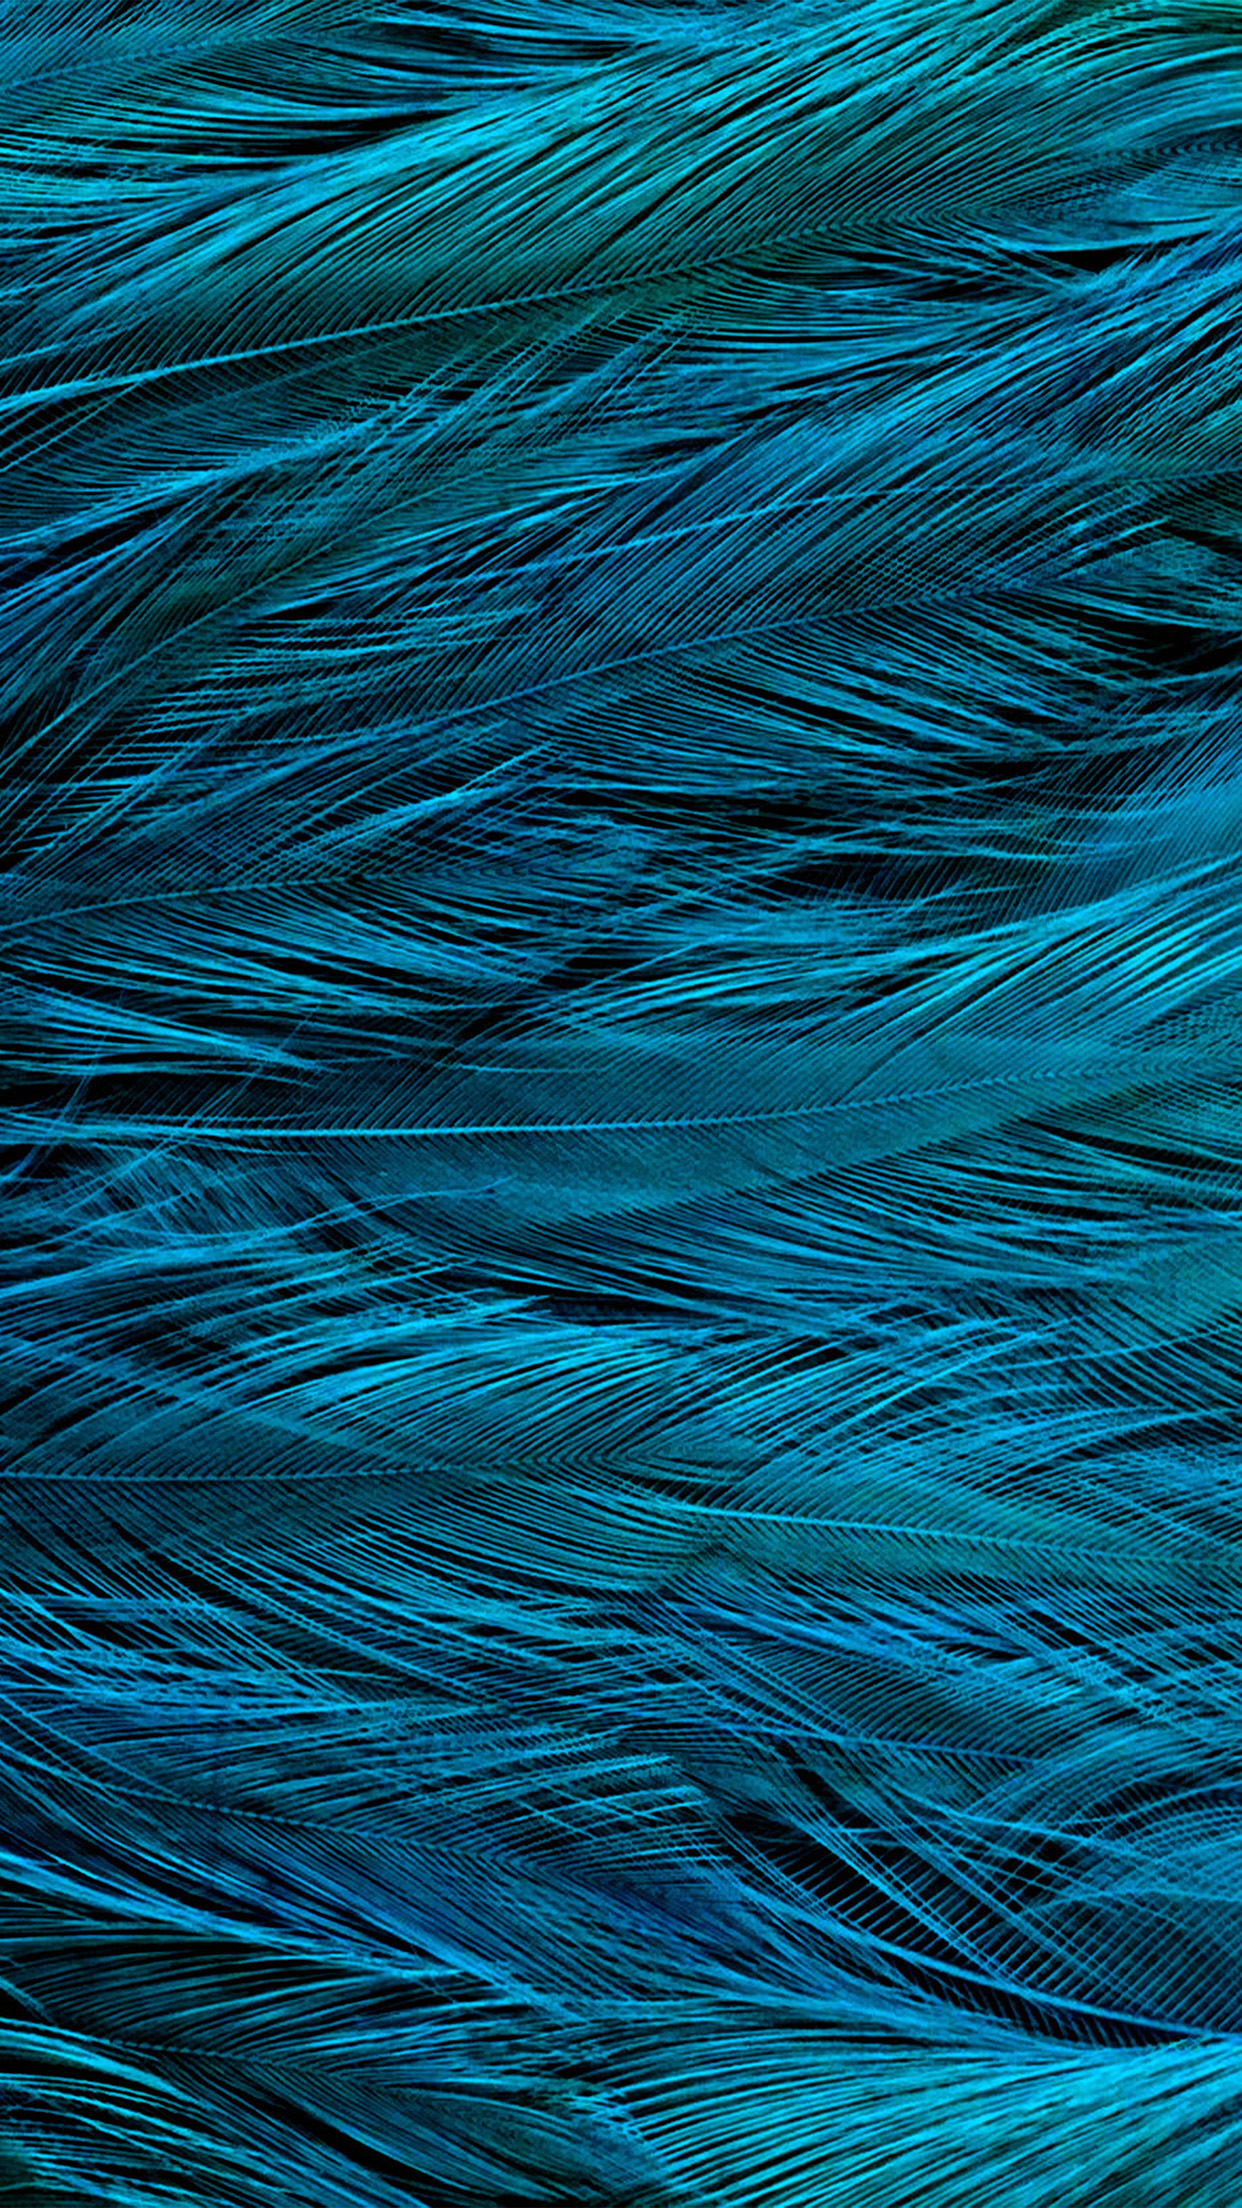 Iphonepaperscom Iphone 8 Wallpaper Vt31 Feather Blue